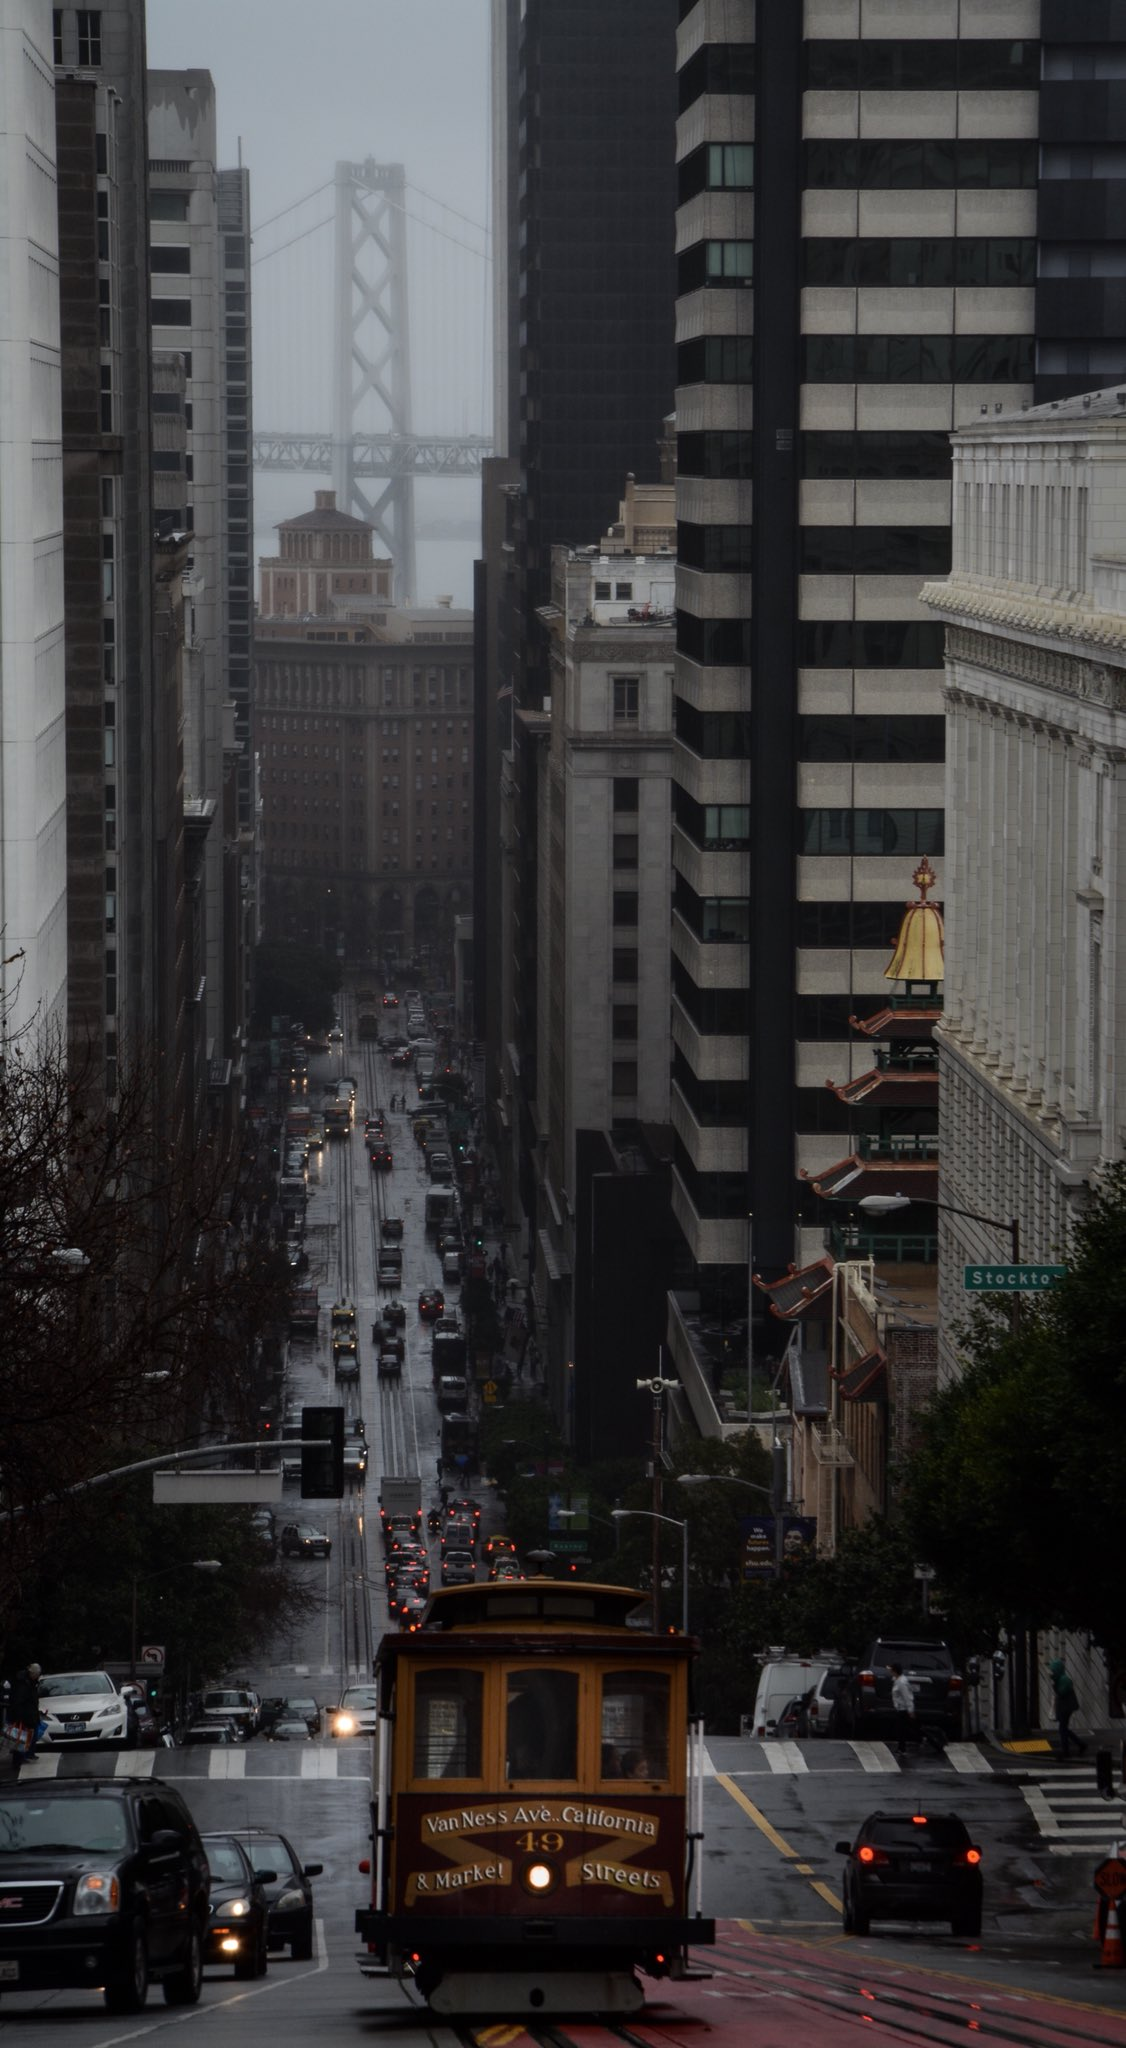 Gray Day / All Day - More Rain On Deck For Friday @KTVU https://t.co/Ojf67K6Hef